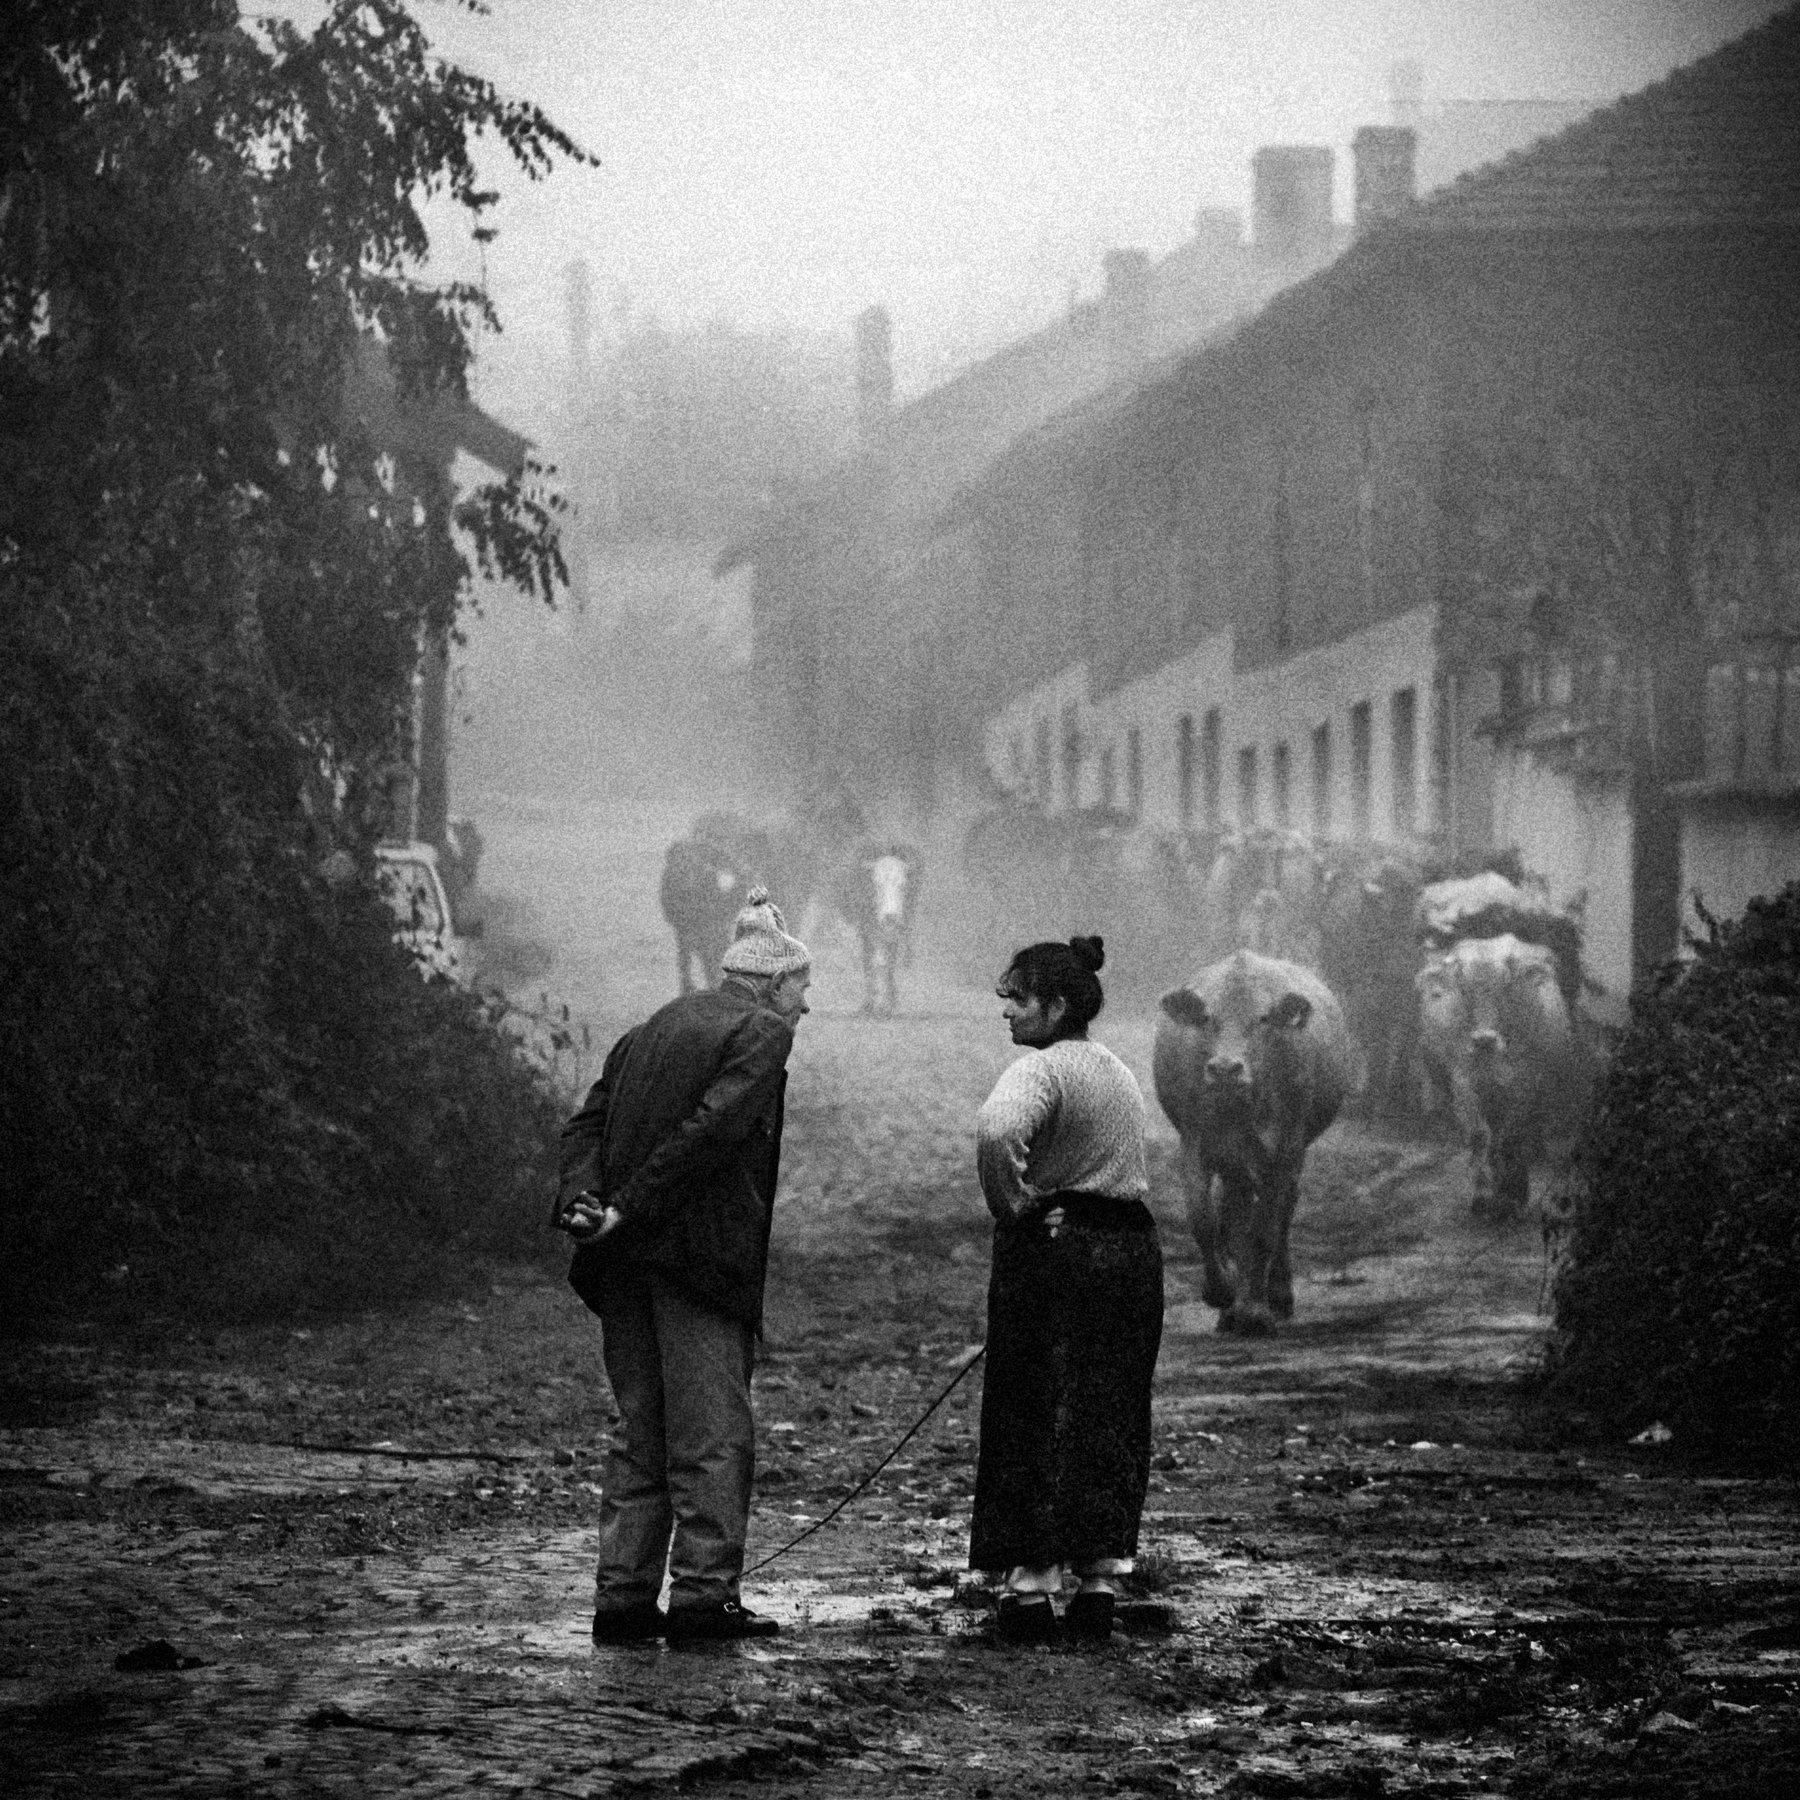 composition, bw, photoshop, street, чб, композиция, Denis Buchel (Денис Бучель)